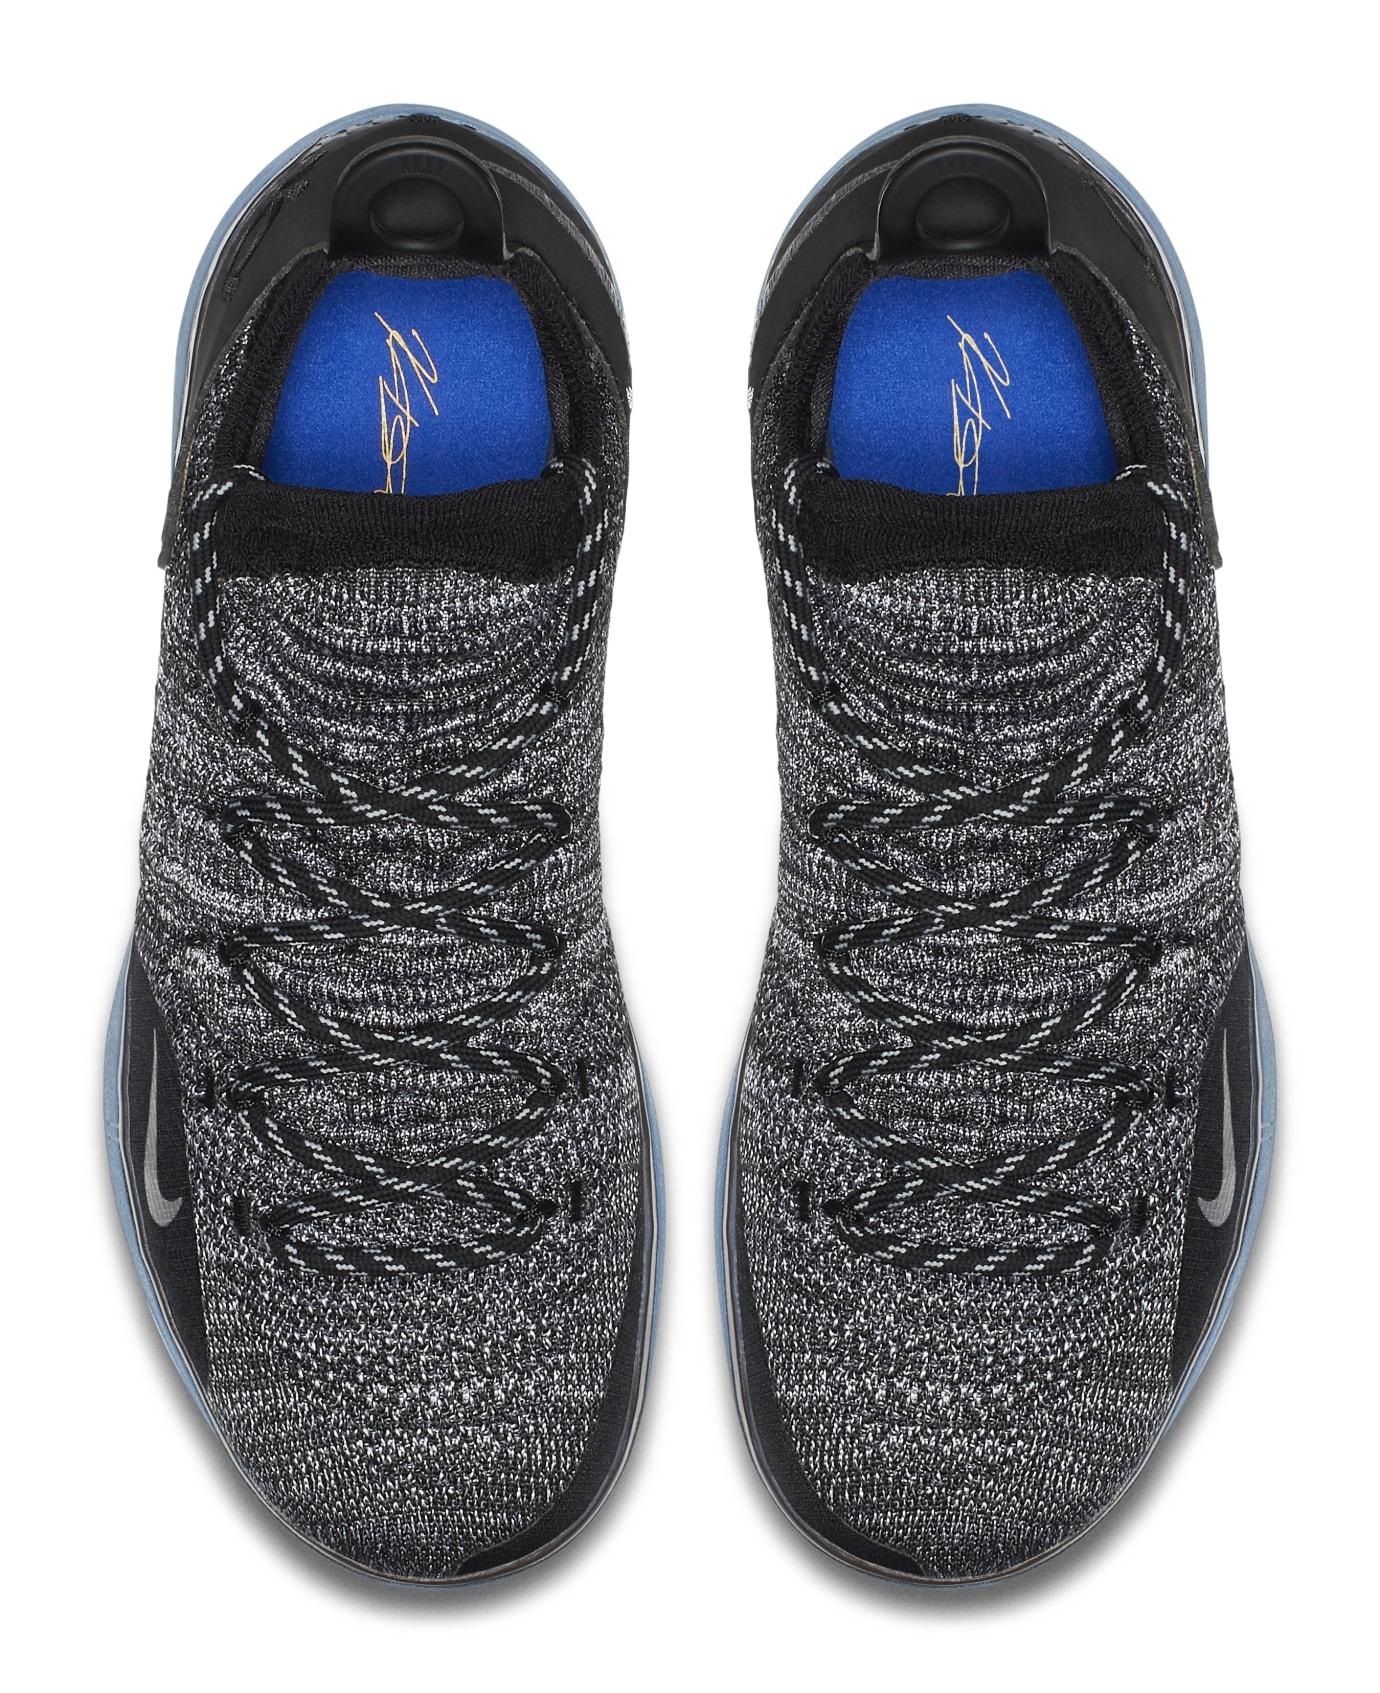 Nike KD 11 'Still KD' AO2604-004 (Top)